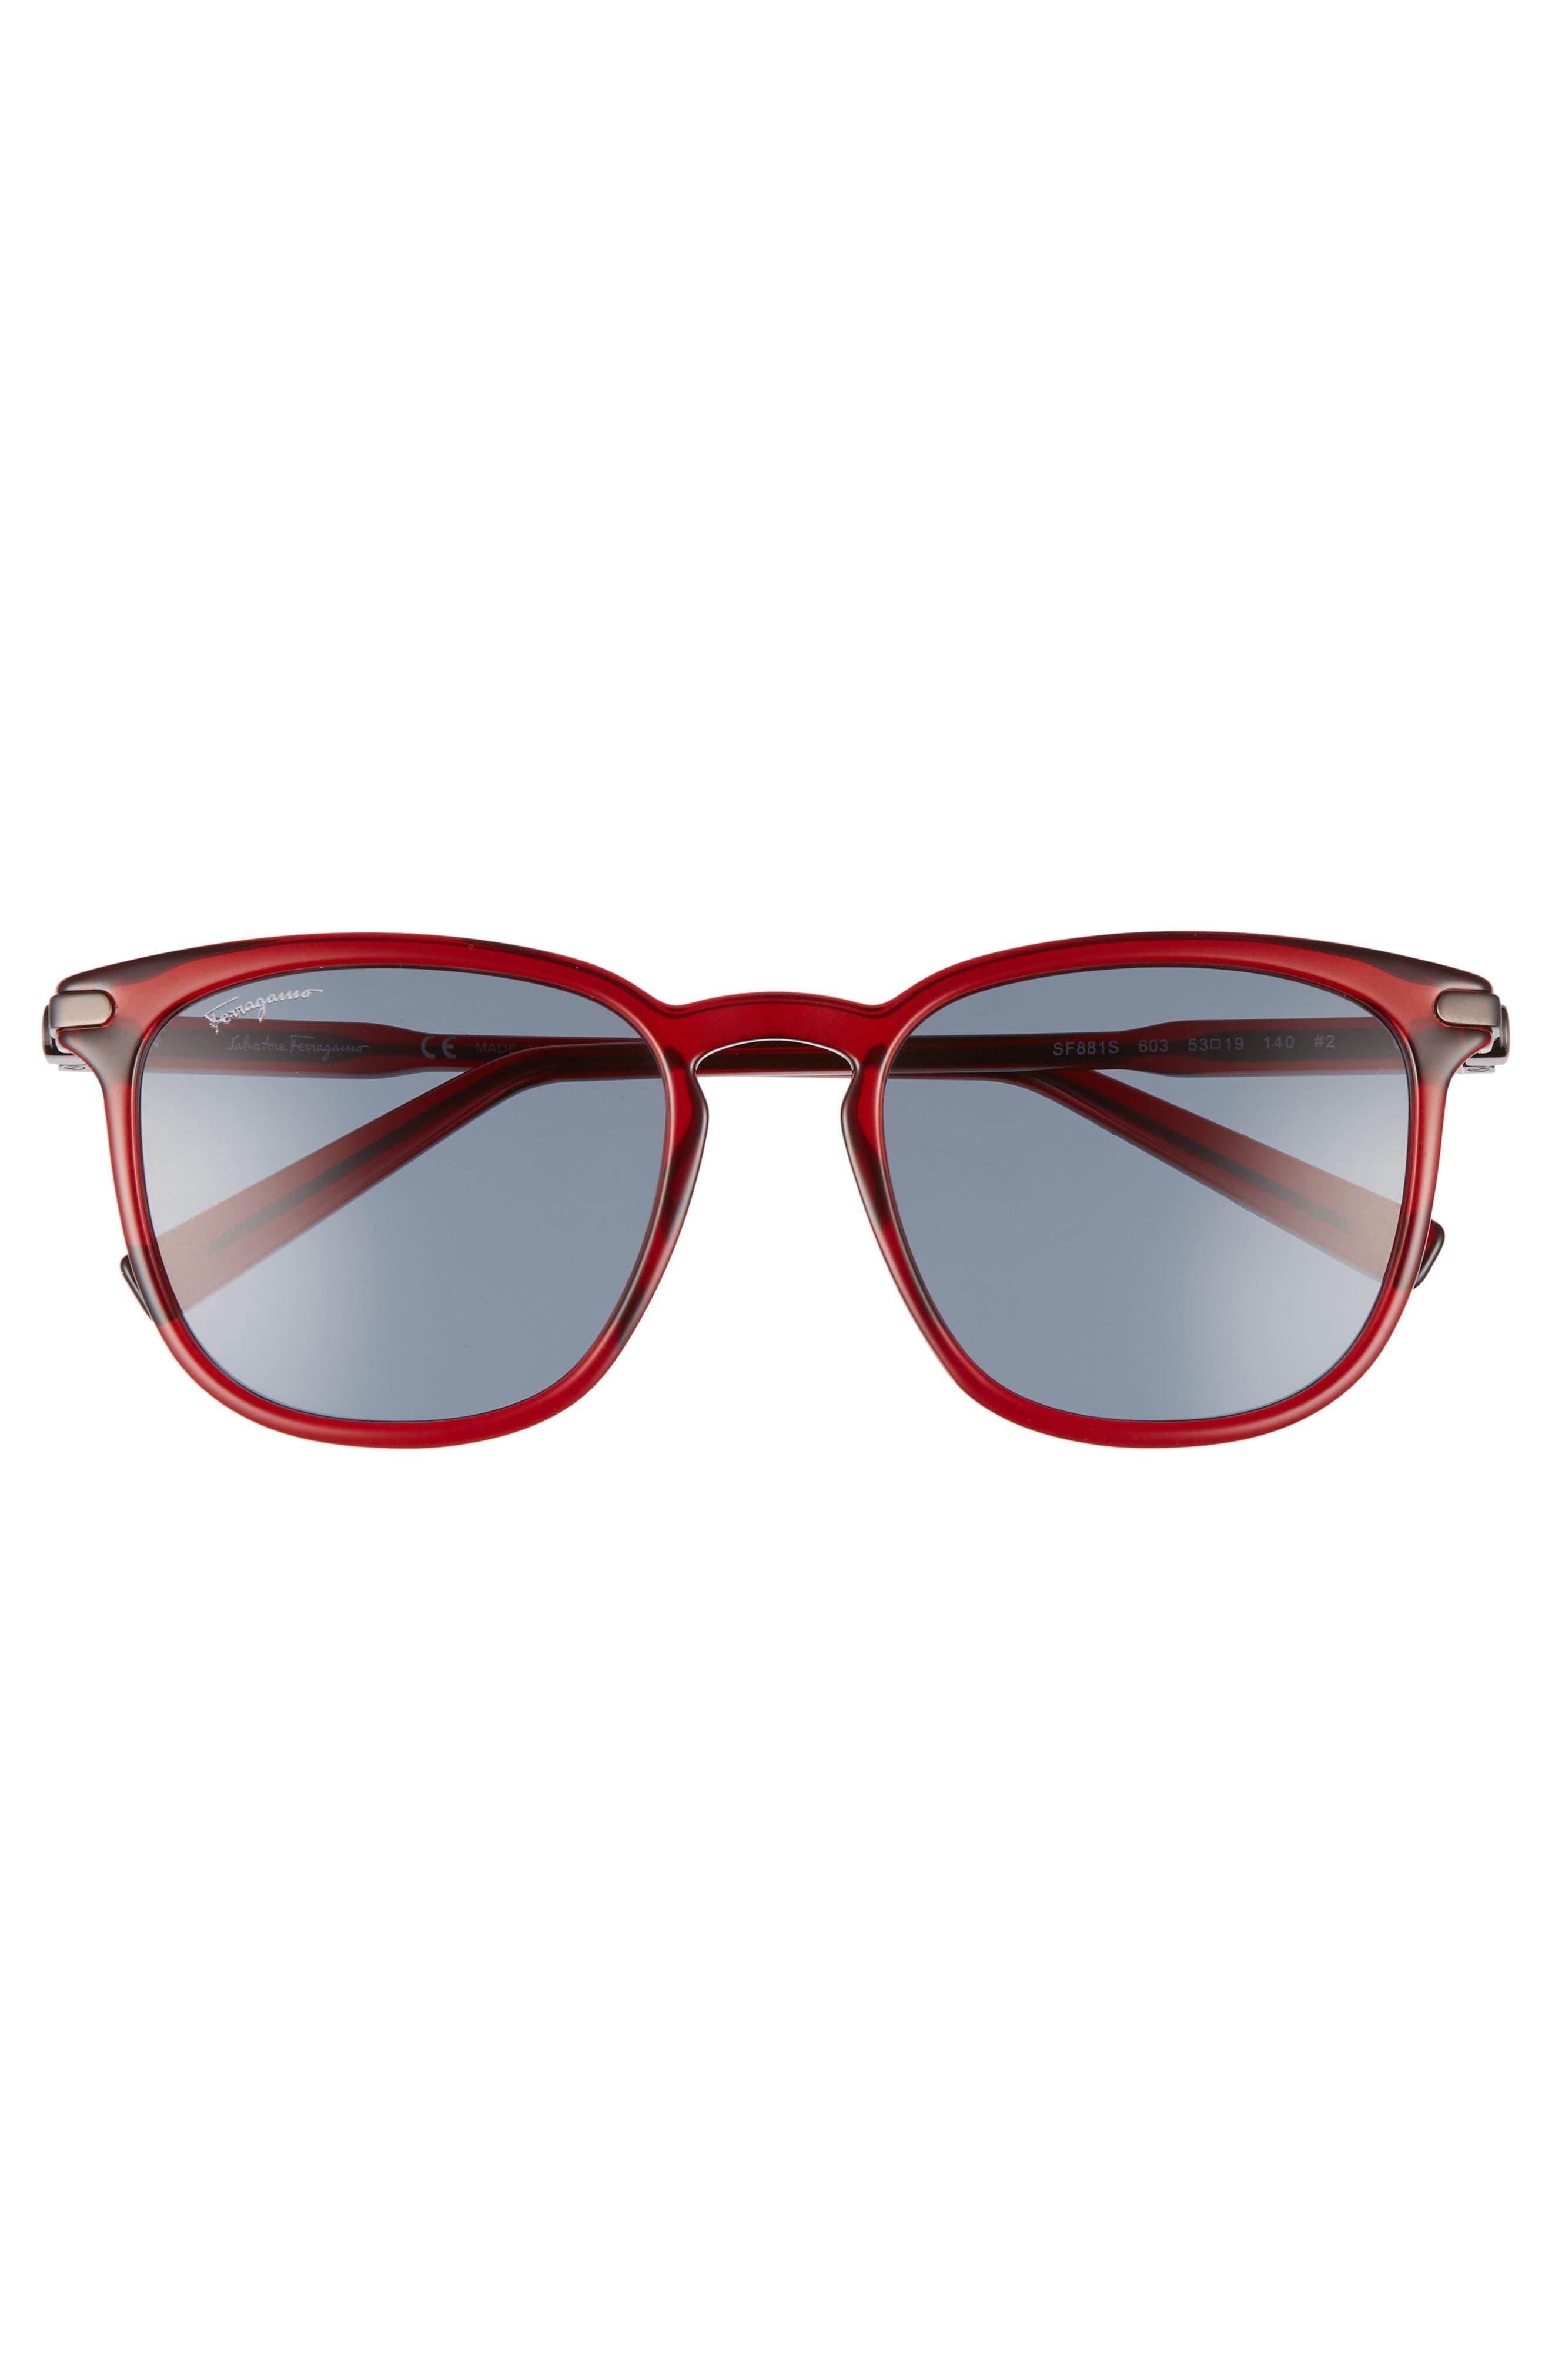 Double Gancio 53mm Sunglasses,                             Alternate thumbnail 2, color,                             Bordeaux